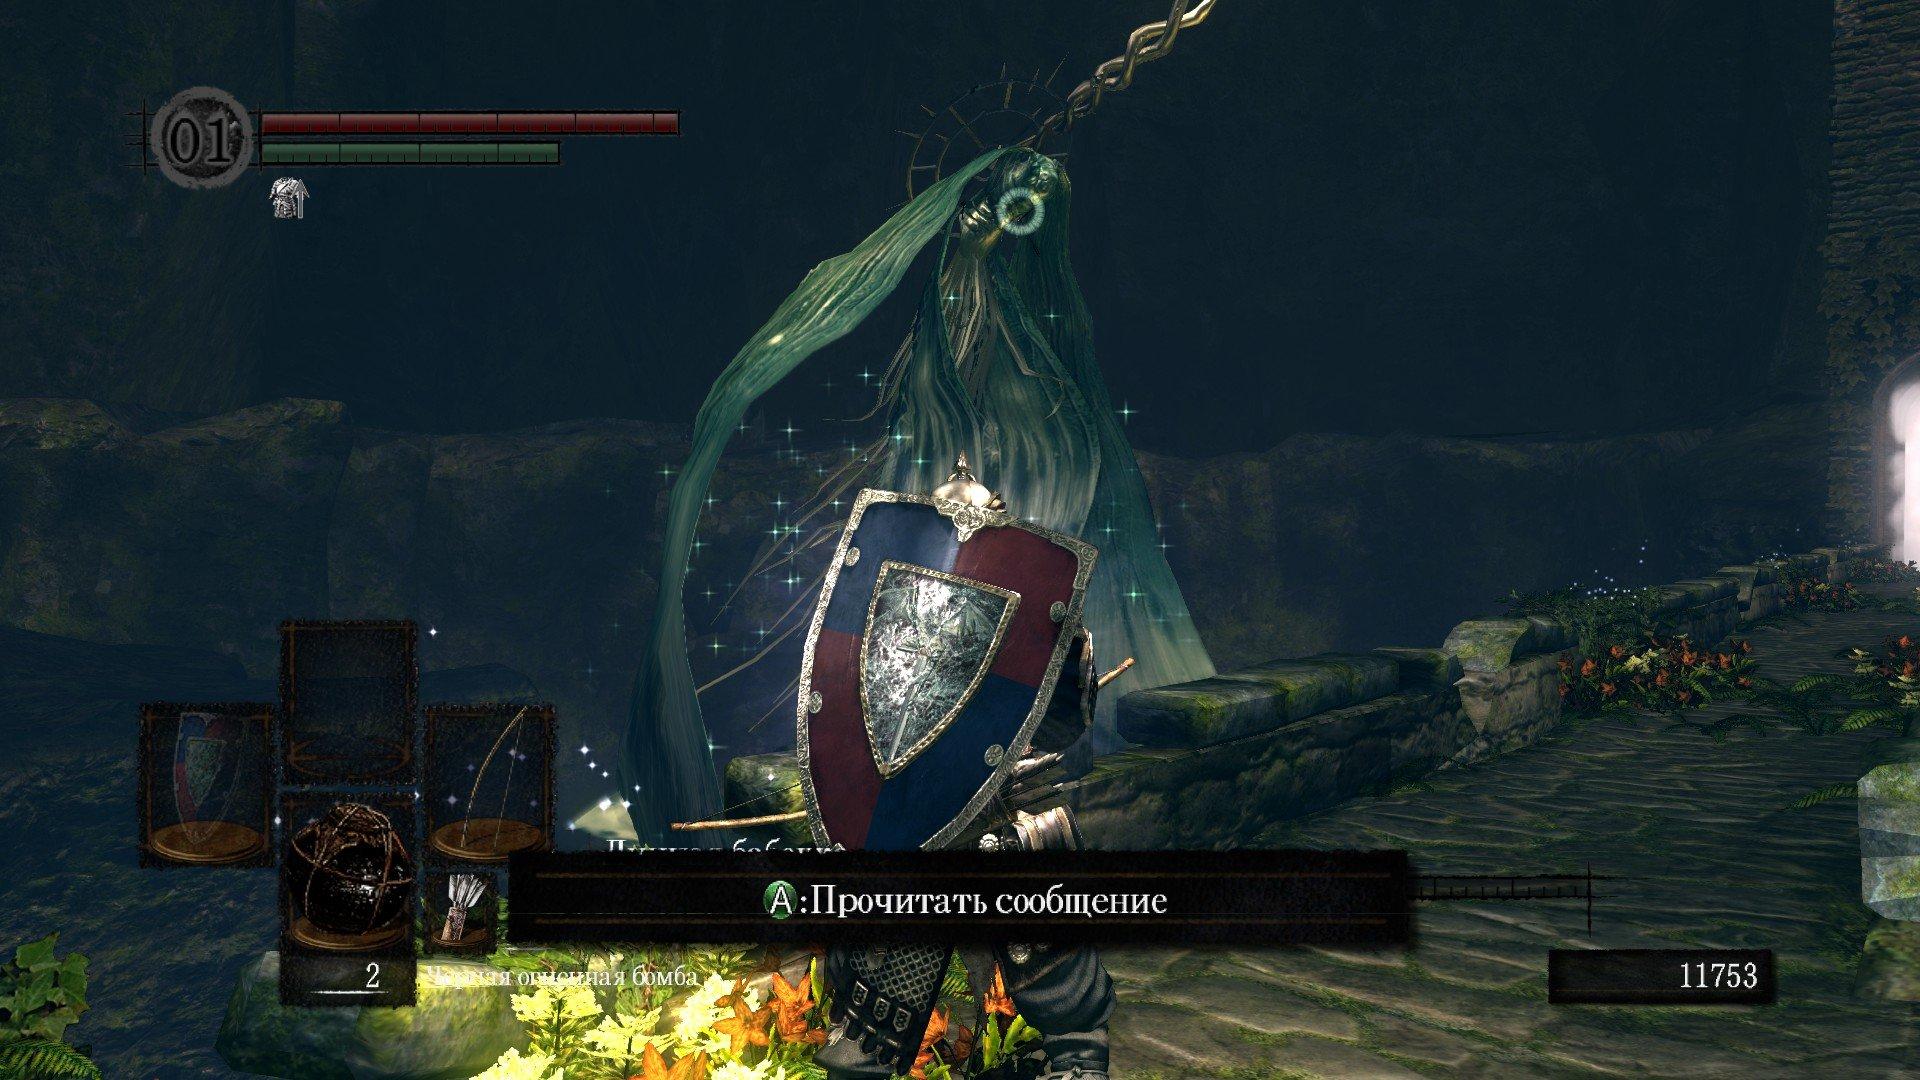 Вопль-прохождение Dark Souls часть 2 ... все в одном посте ... все еще думаю над названием!. - Изображение 9